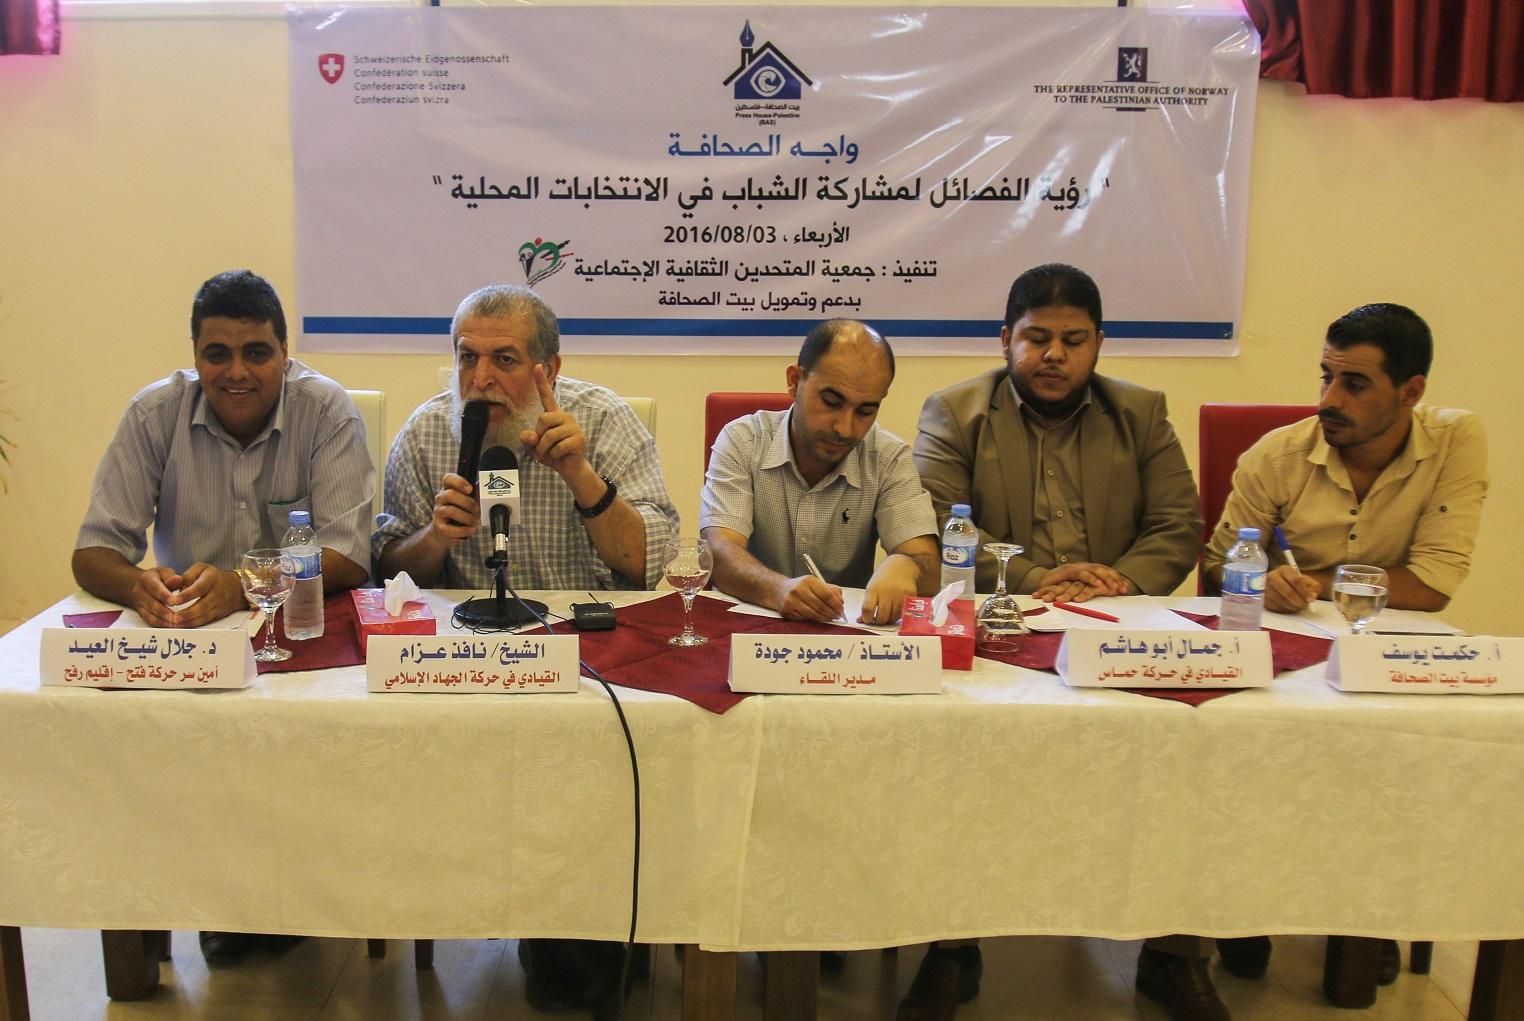 من رفح.. بيت الصحافة تعقد لقاء واجه الصحافة بعنوان 'رؤية الفصائل لمشاركة الشباب في الانتخابات المحلية'